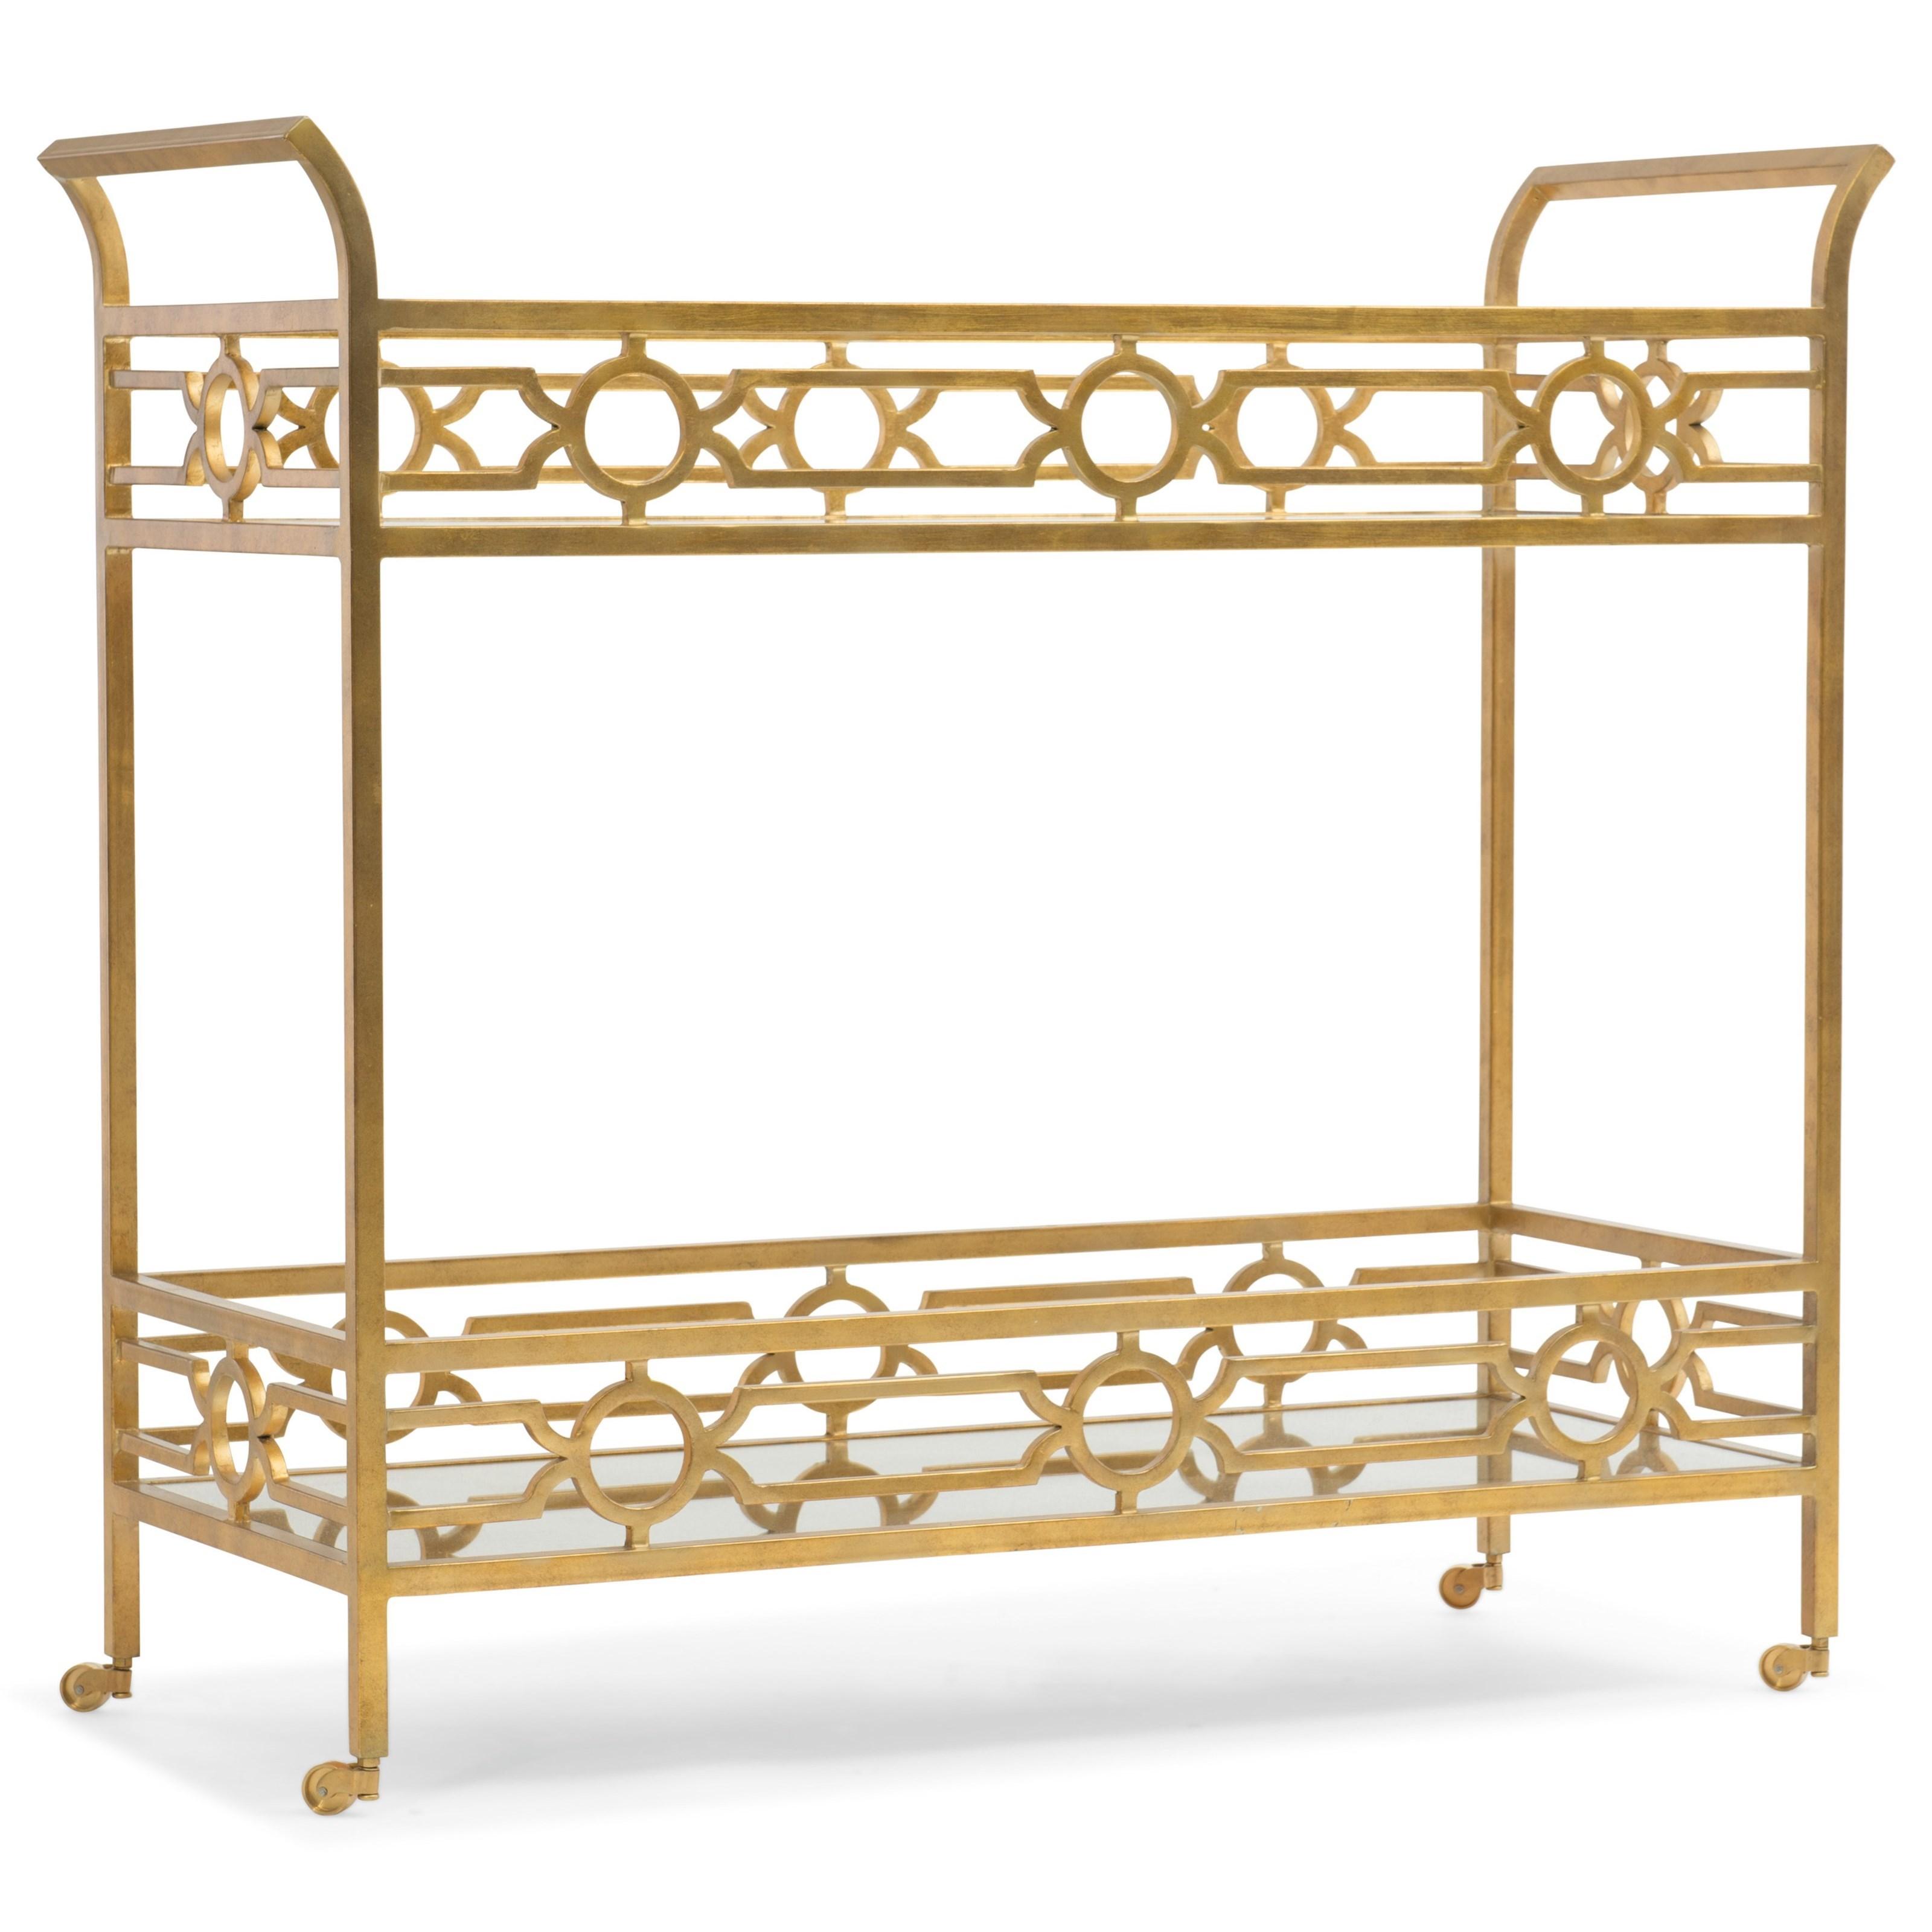 Hooker Furniture Living Room Accents Serving Cart - Item Number: 5535-50001-MTL